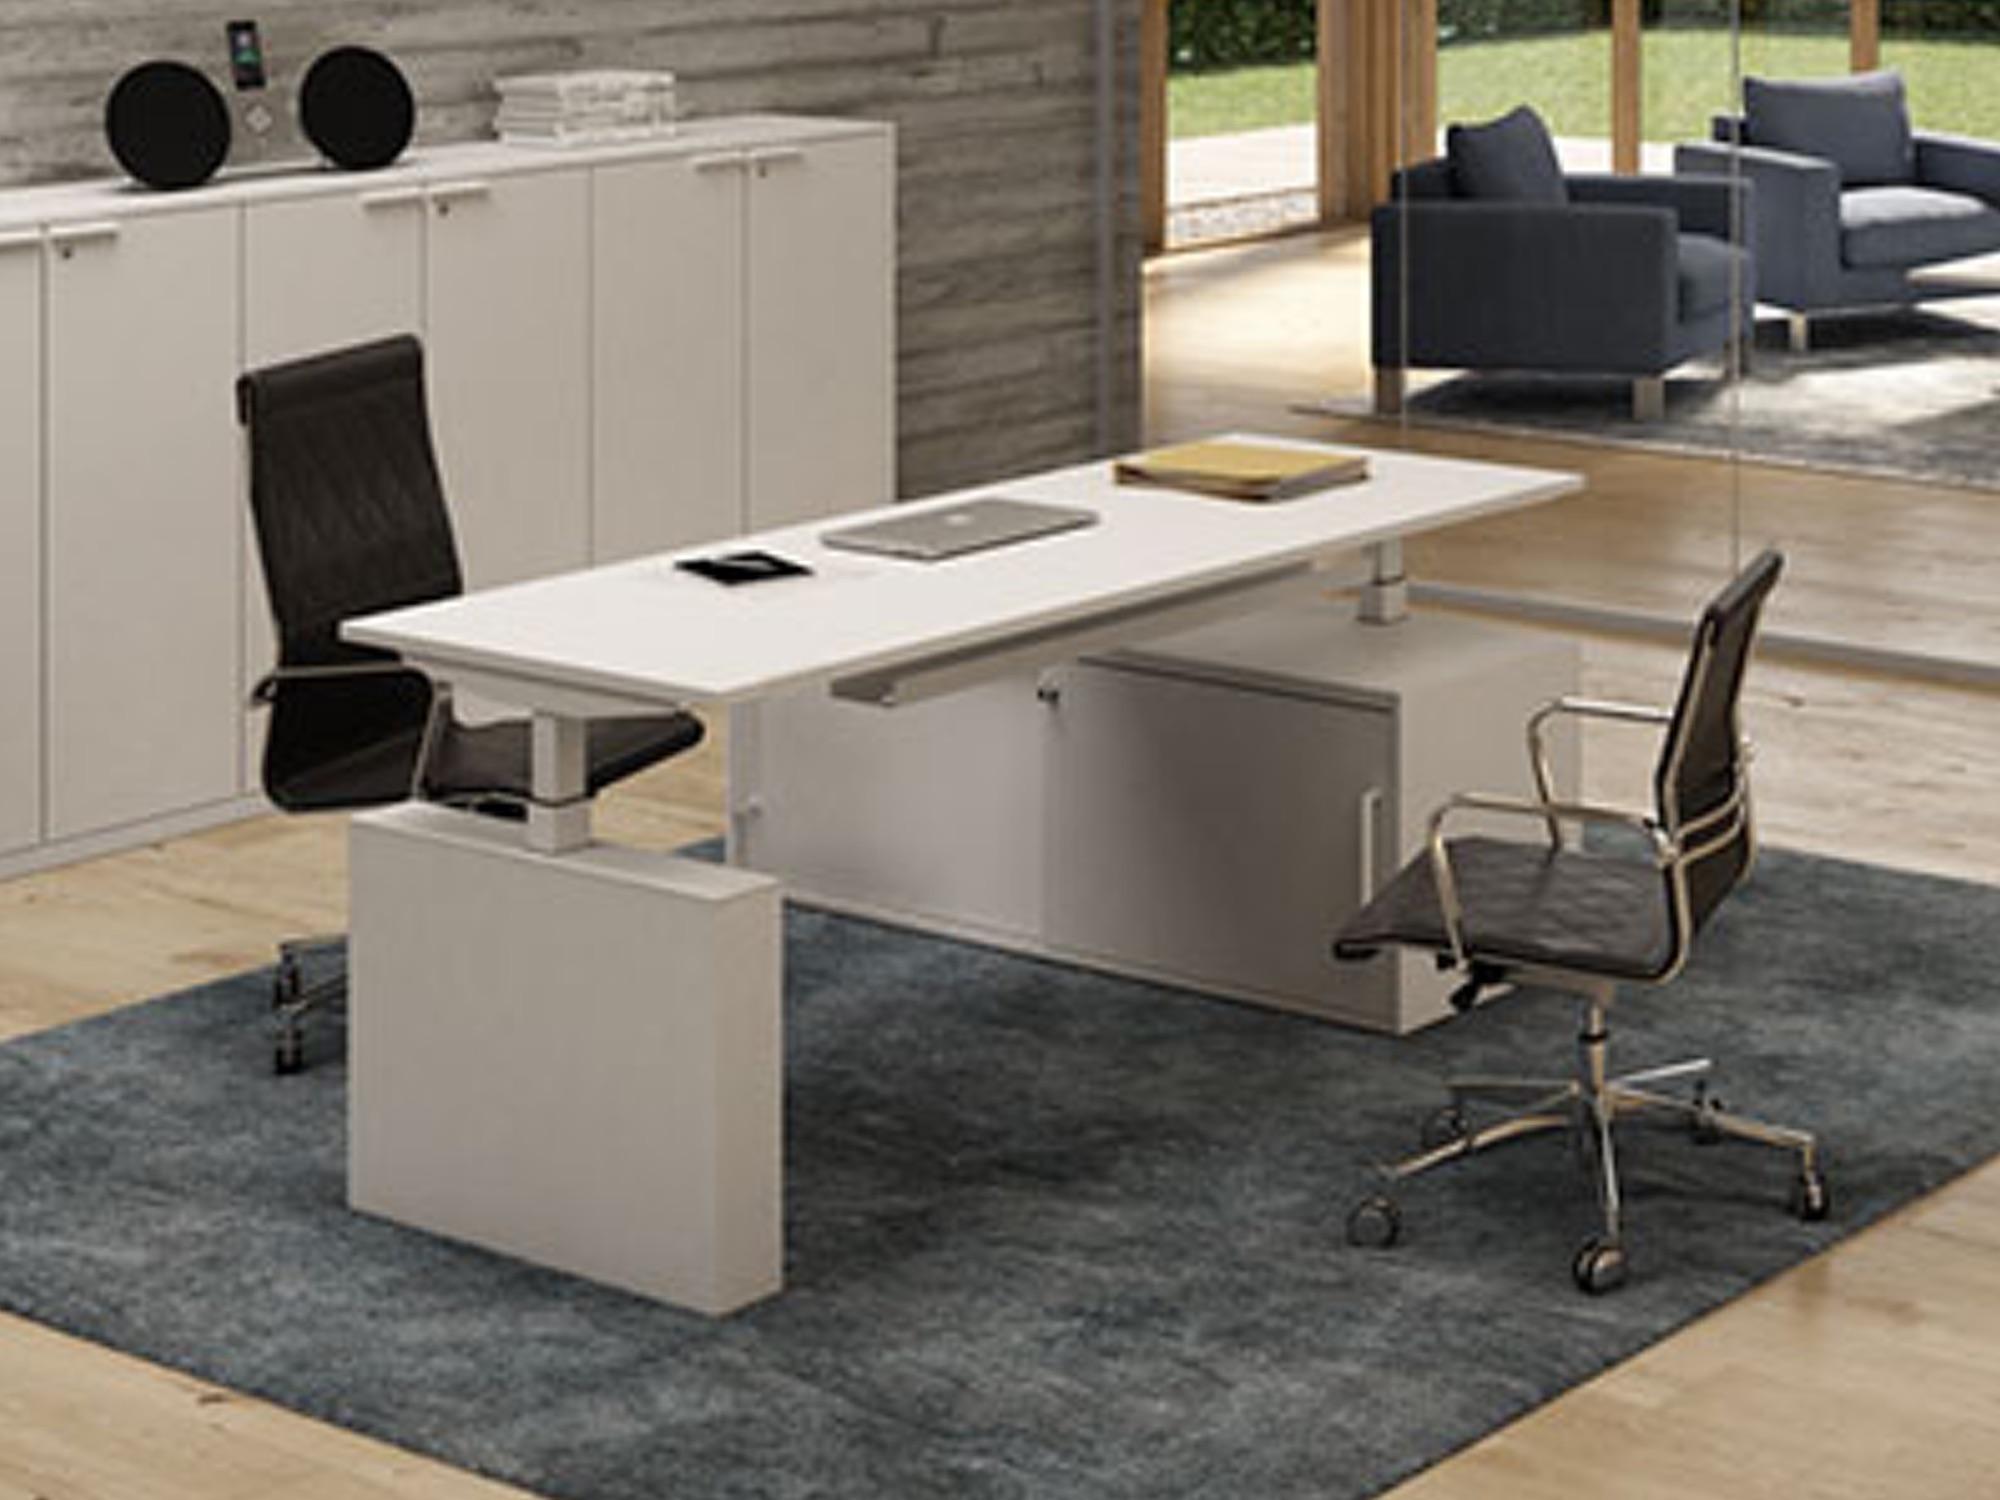 bralco winglet steh sitz schreibtisch mit sideboard und elektrischer h henverstellung. Black Bedroom Furniture Sets. Home Design Ideas